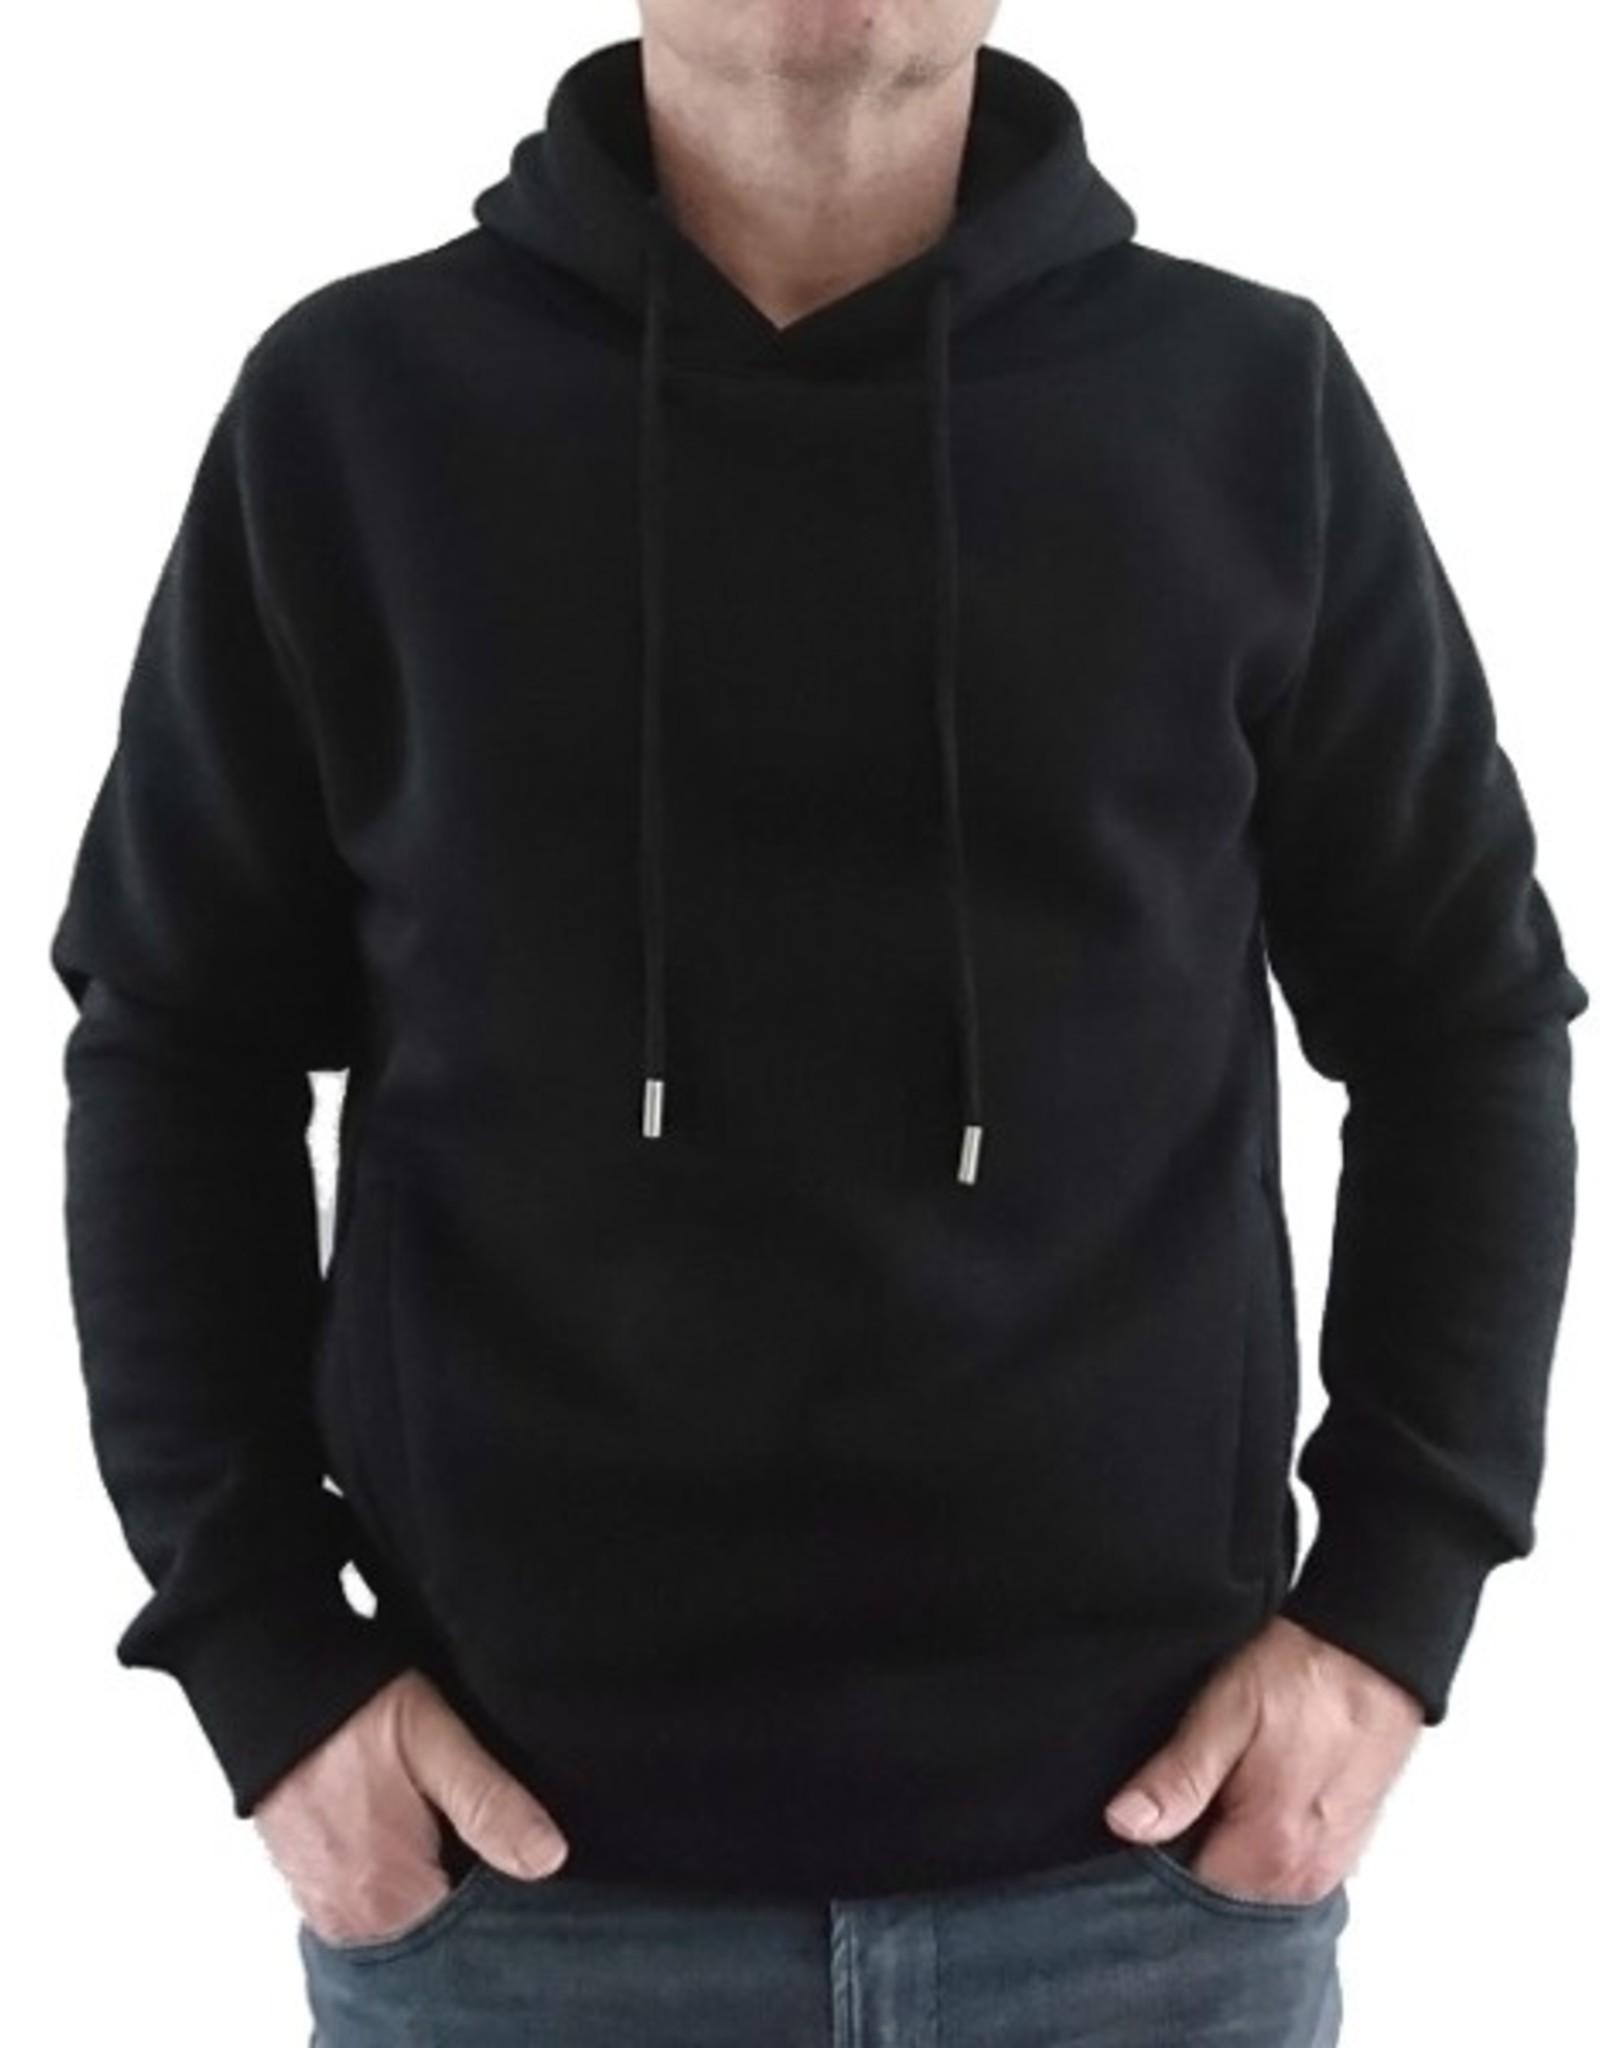 Max hoodie